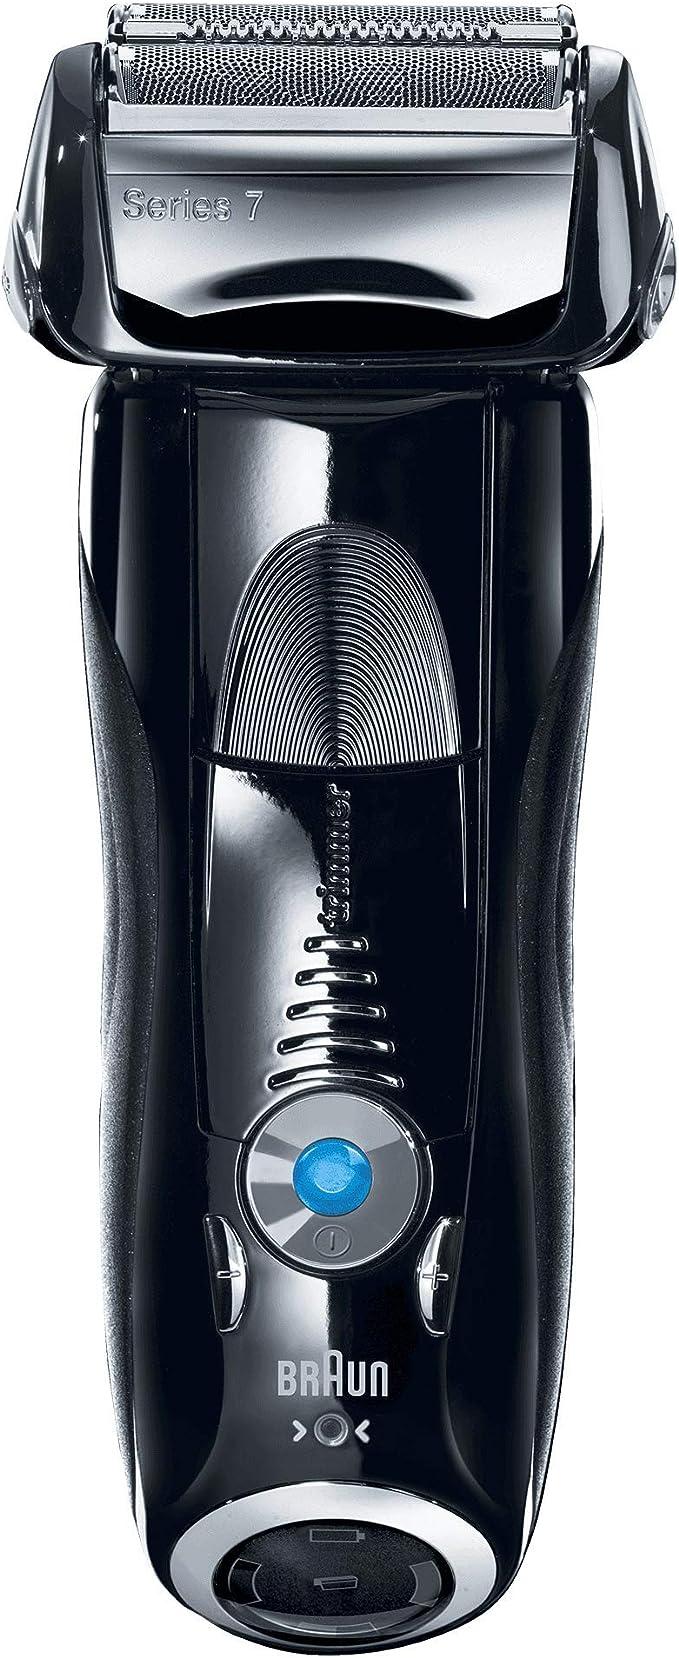 Braun 720s-4 - Afeitadora (Negro, Batería, Ión de litio, 1h, 50 min): Amazon.es: Salud y cuidado personal